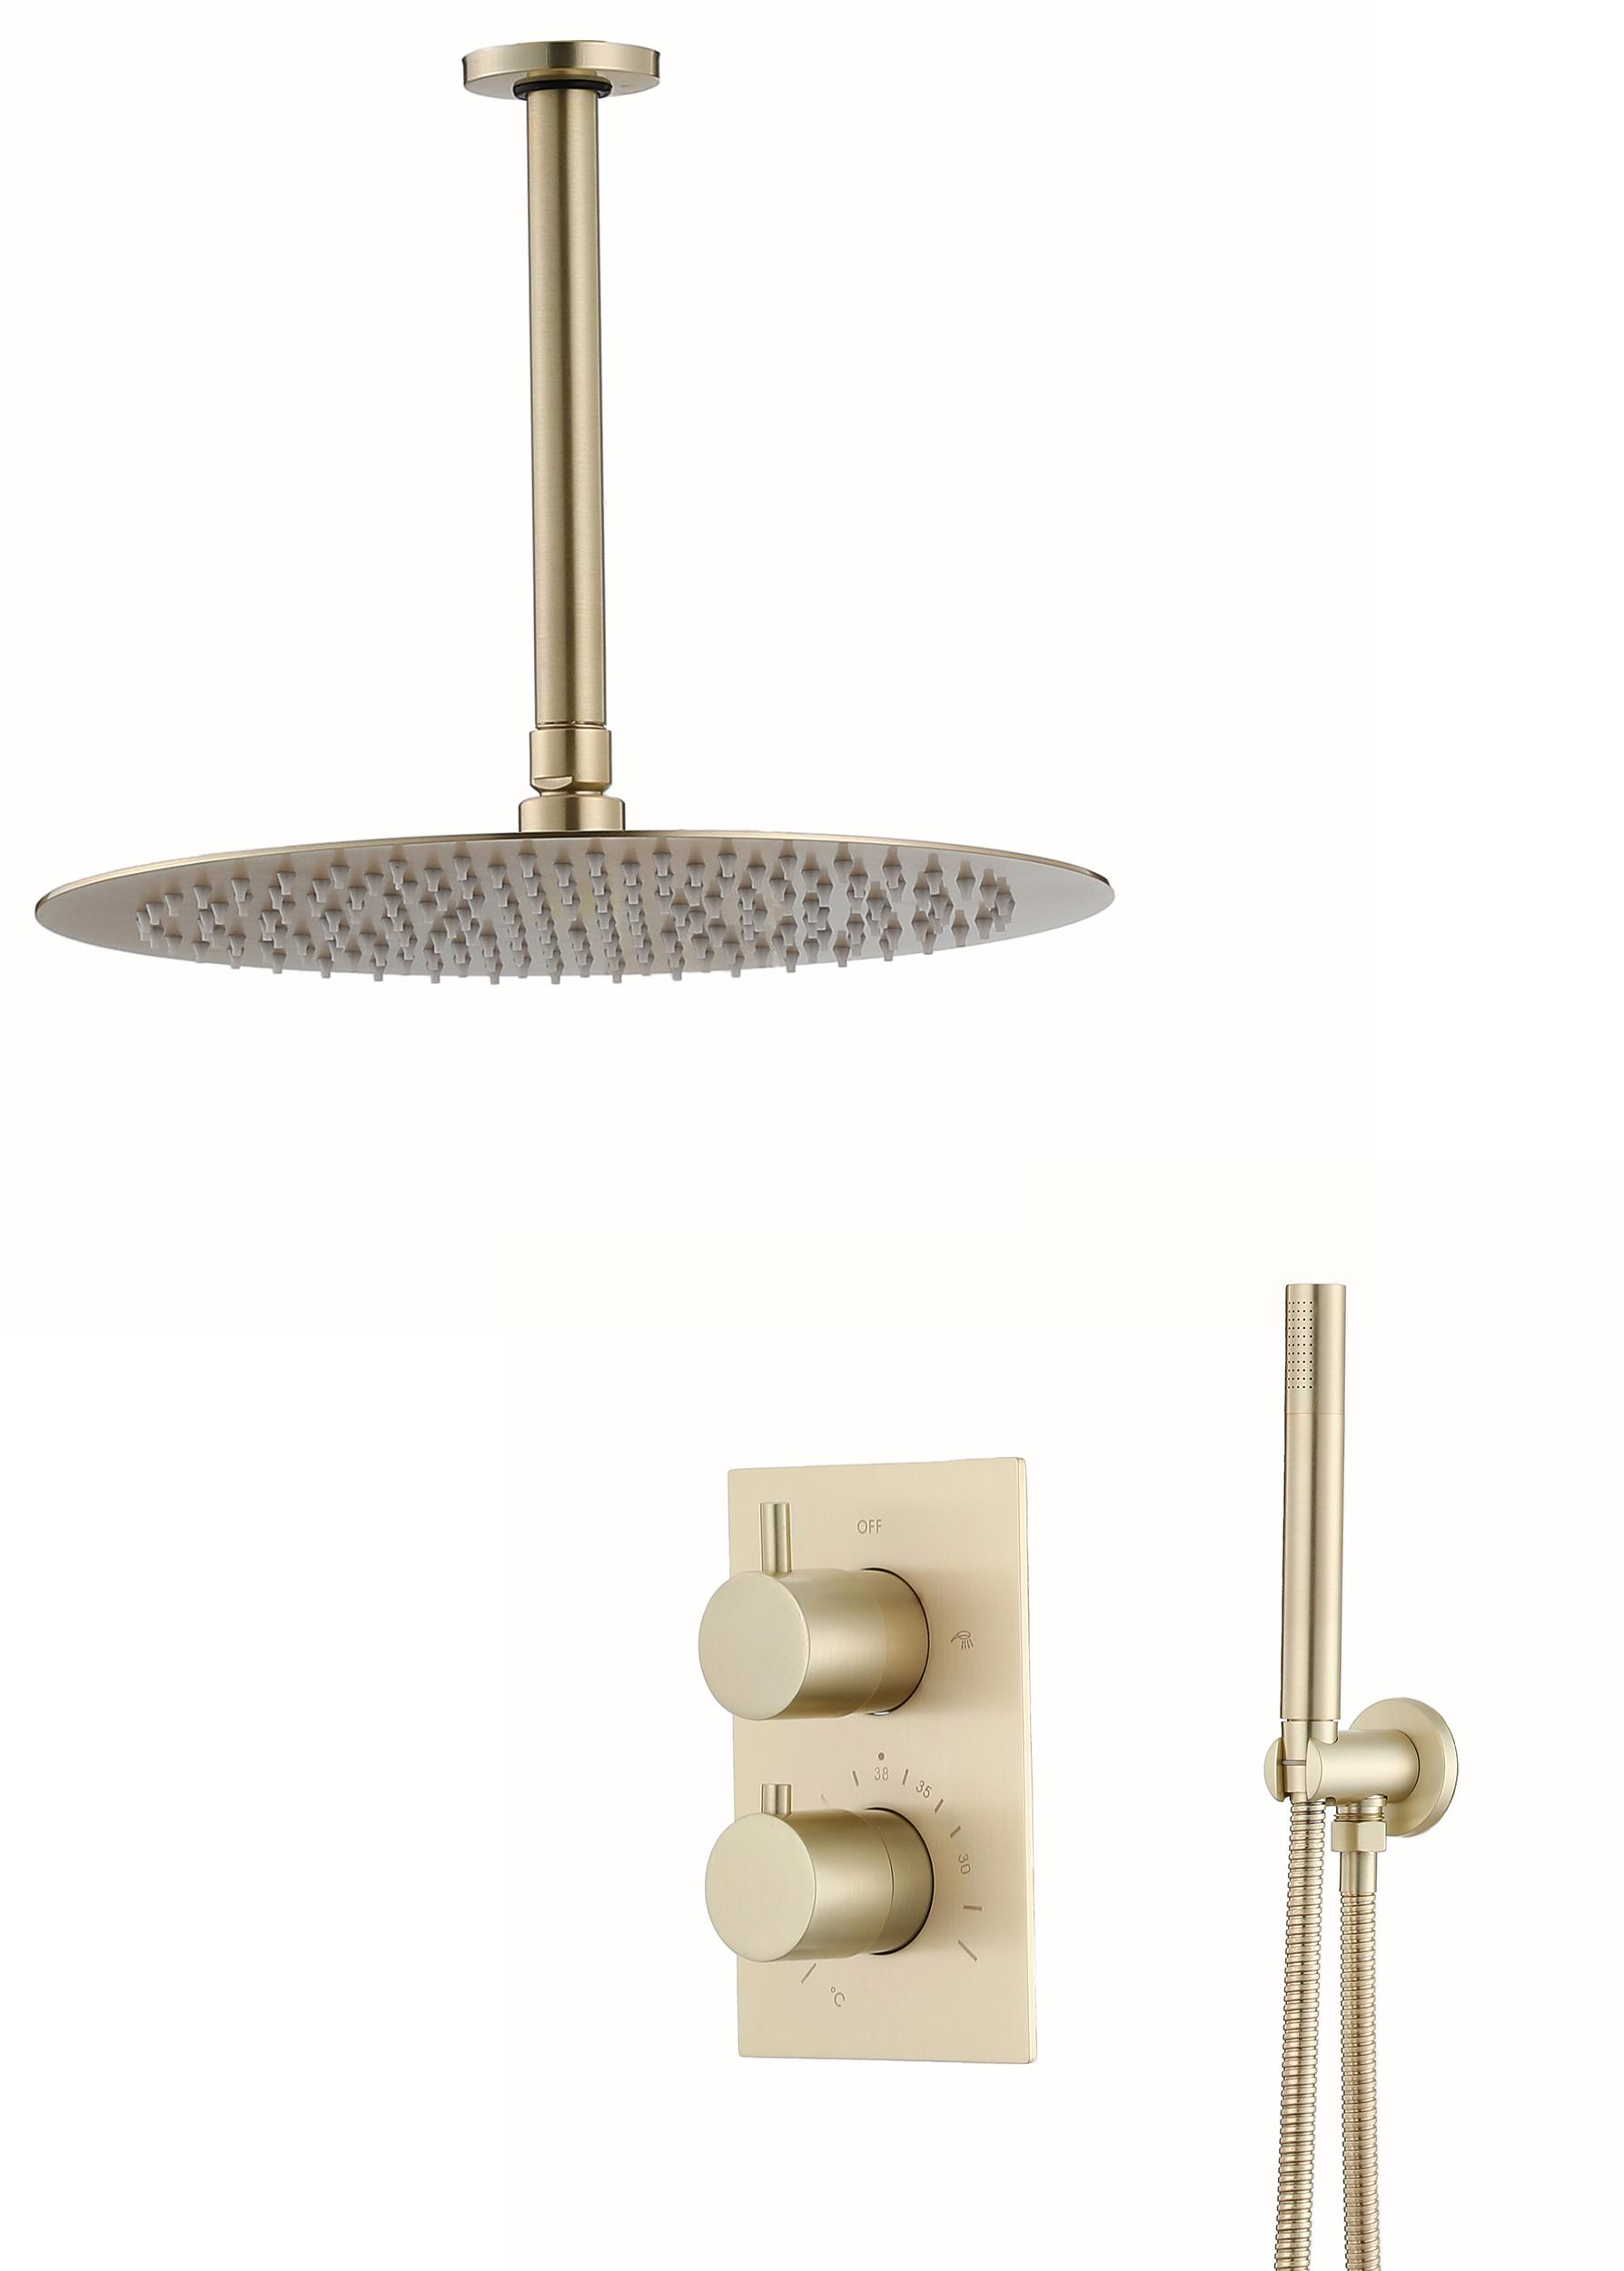 Saniclear Brass inbouw regendouche met plafondarm en 30cm hoofddouche geborsteld messing - mat goud